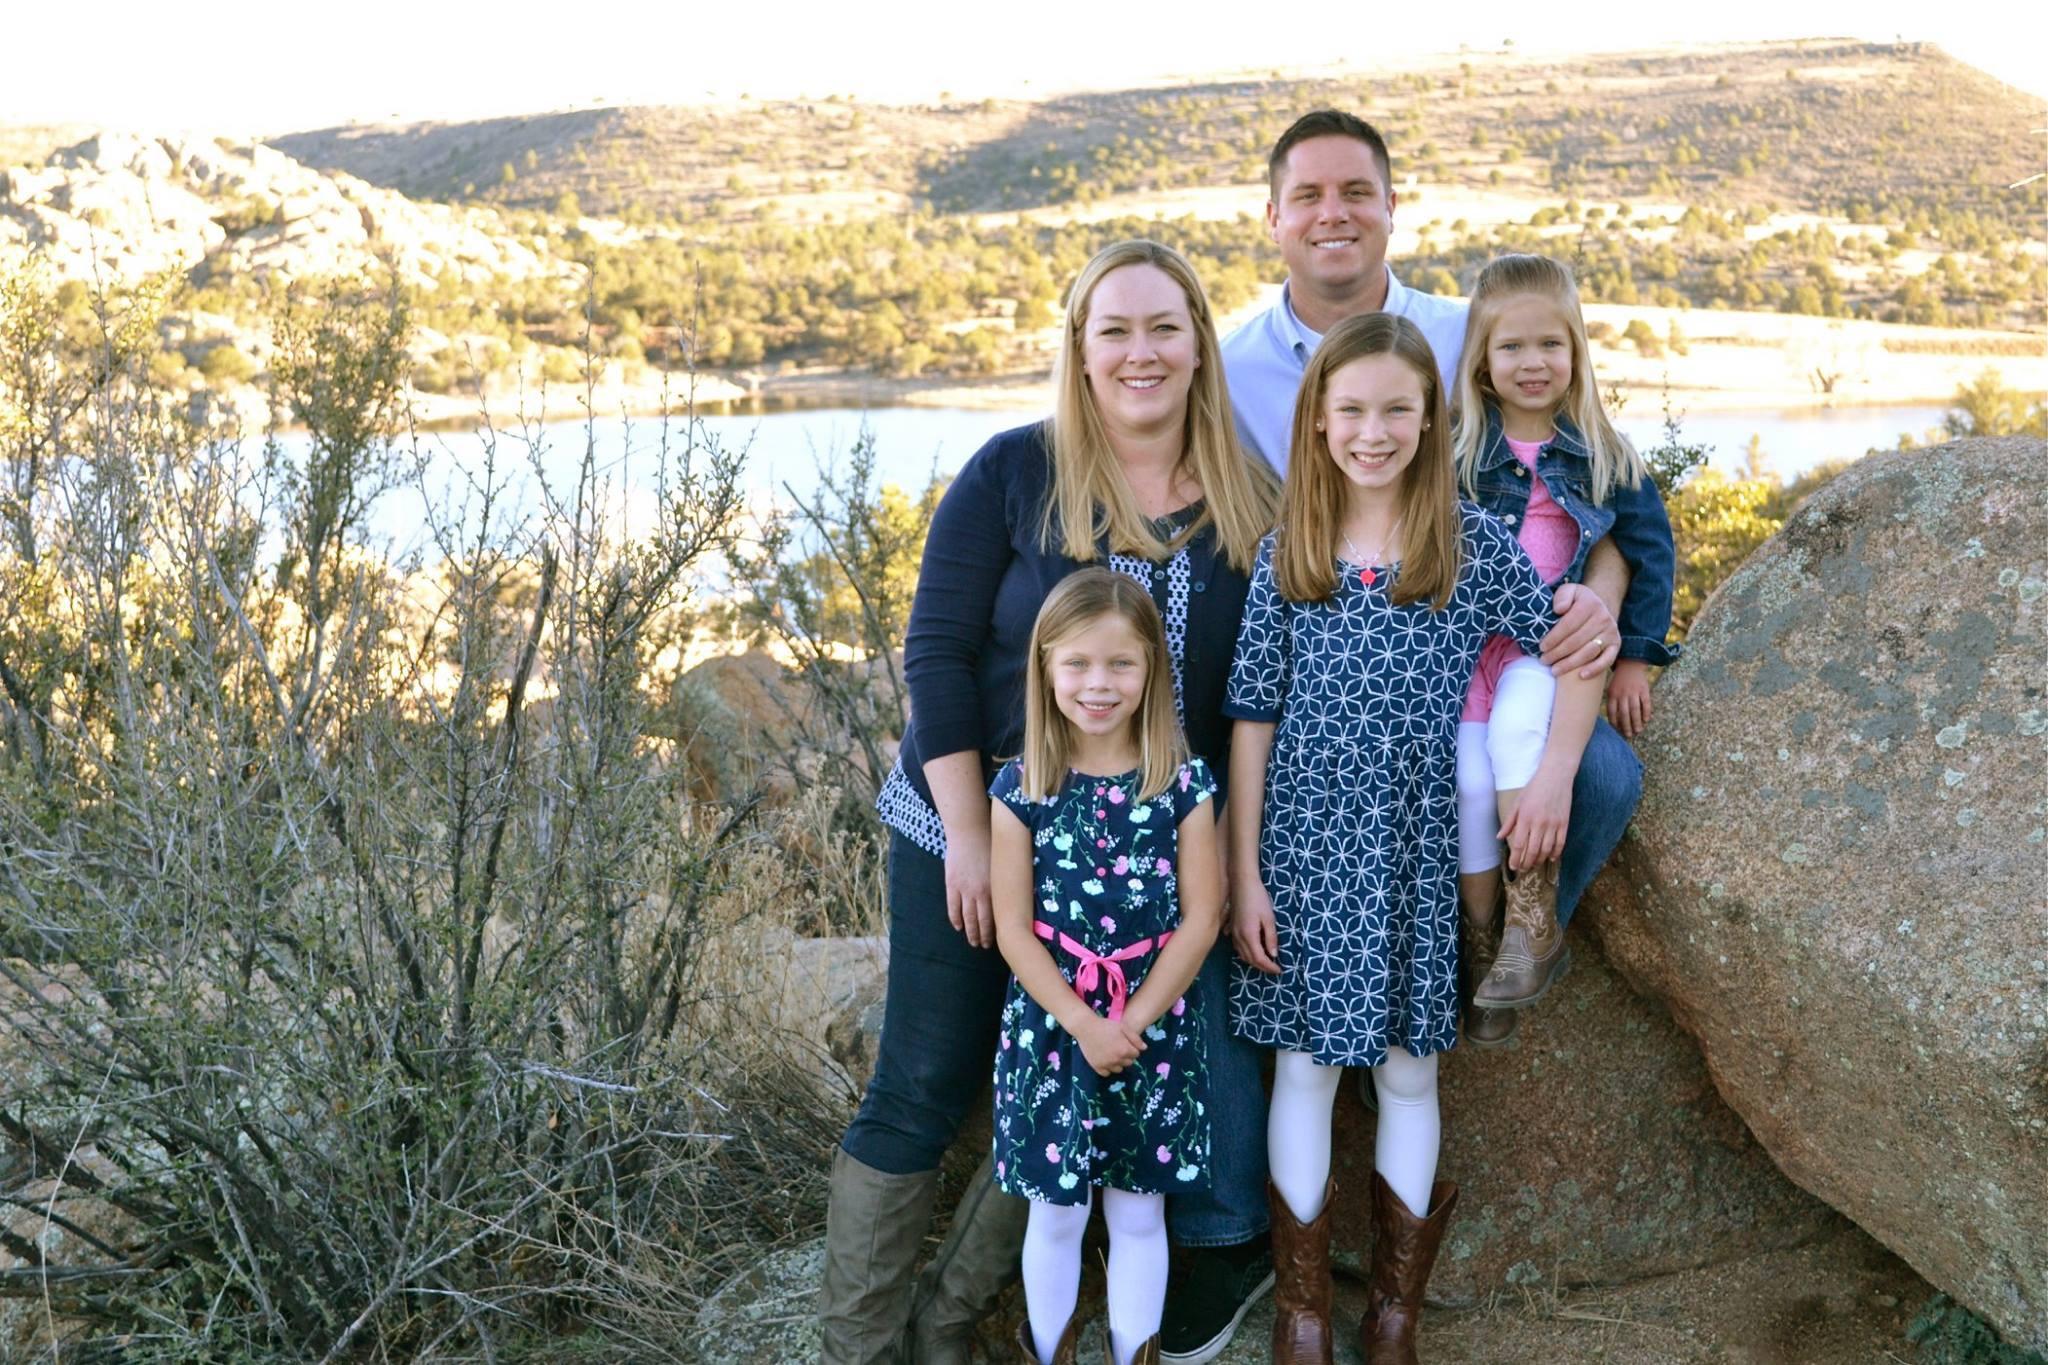 Julie_Family 2.JPG